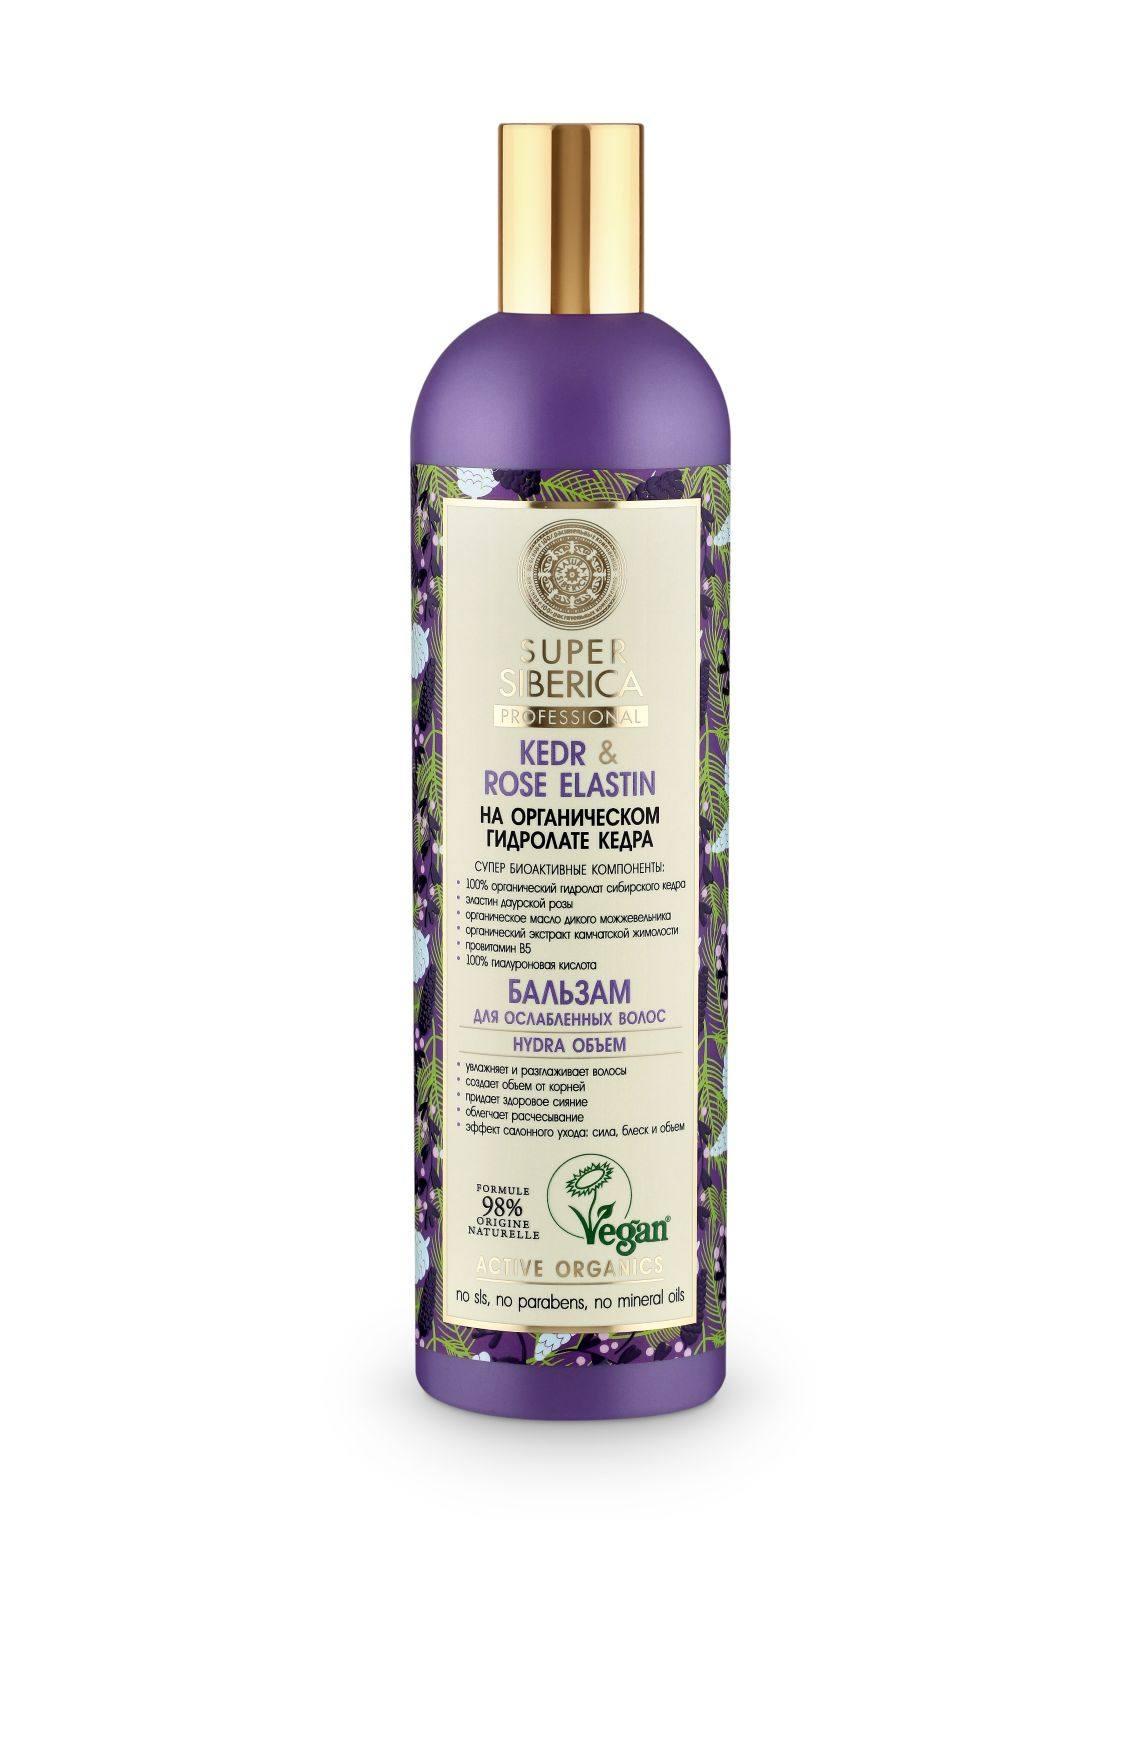 Купить NS Super Siberica KEDR & ROSE ELASTIN Бальзам для ослабленных волос Hydra объём , 550 мл, Natura Siberica (shop: Organic-shops Organic shops)